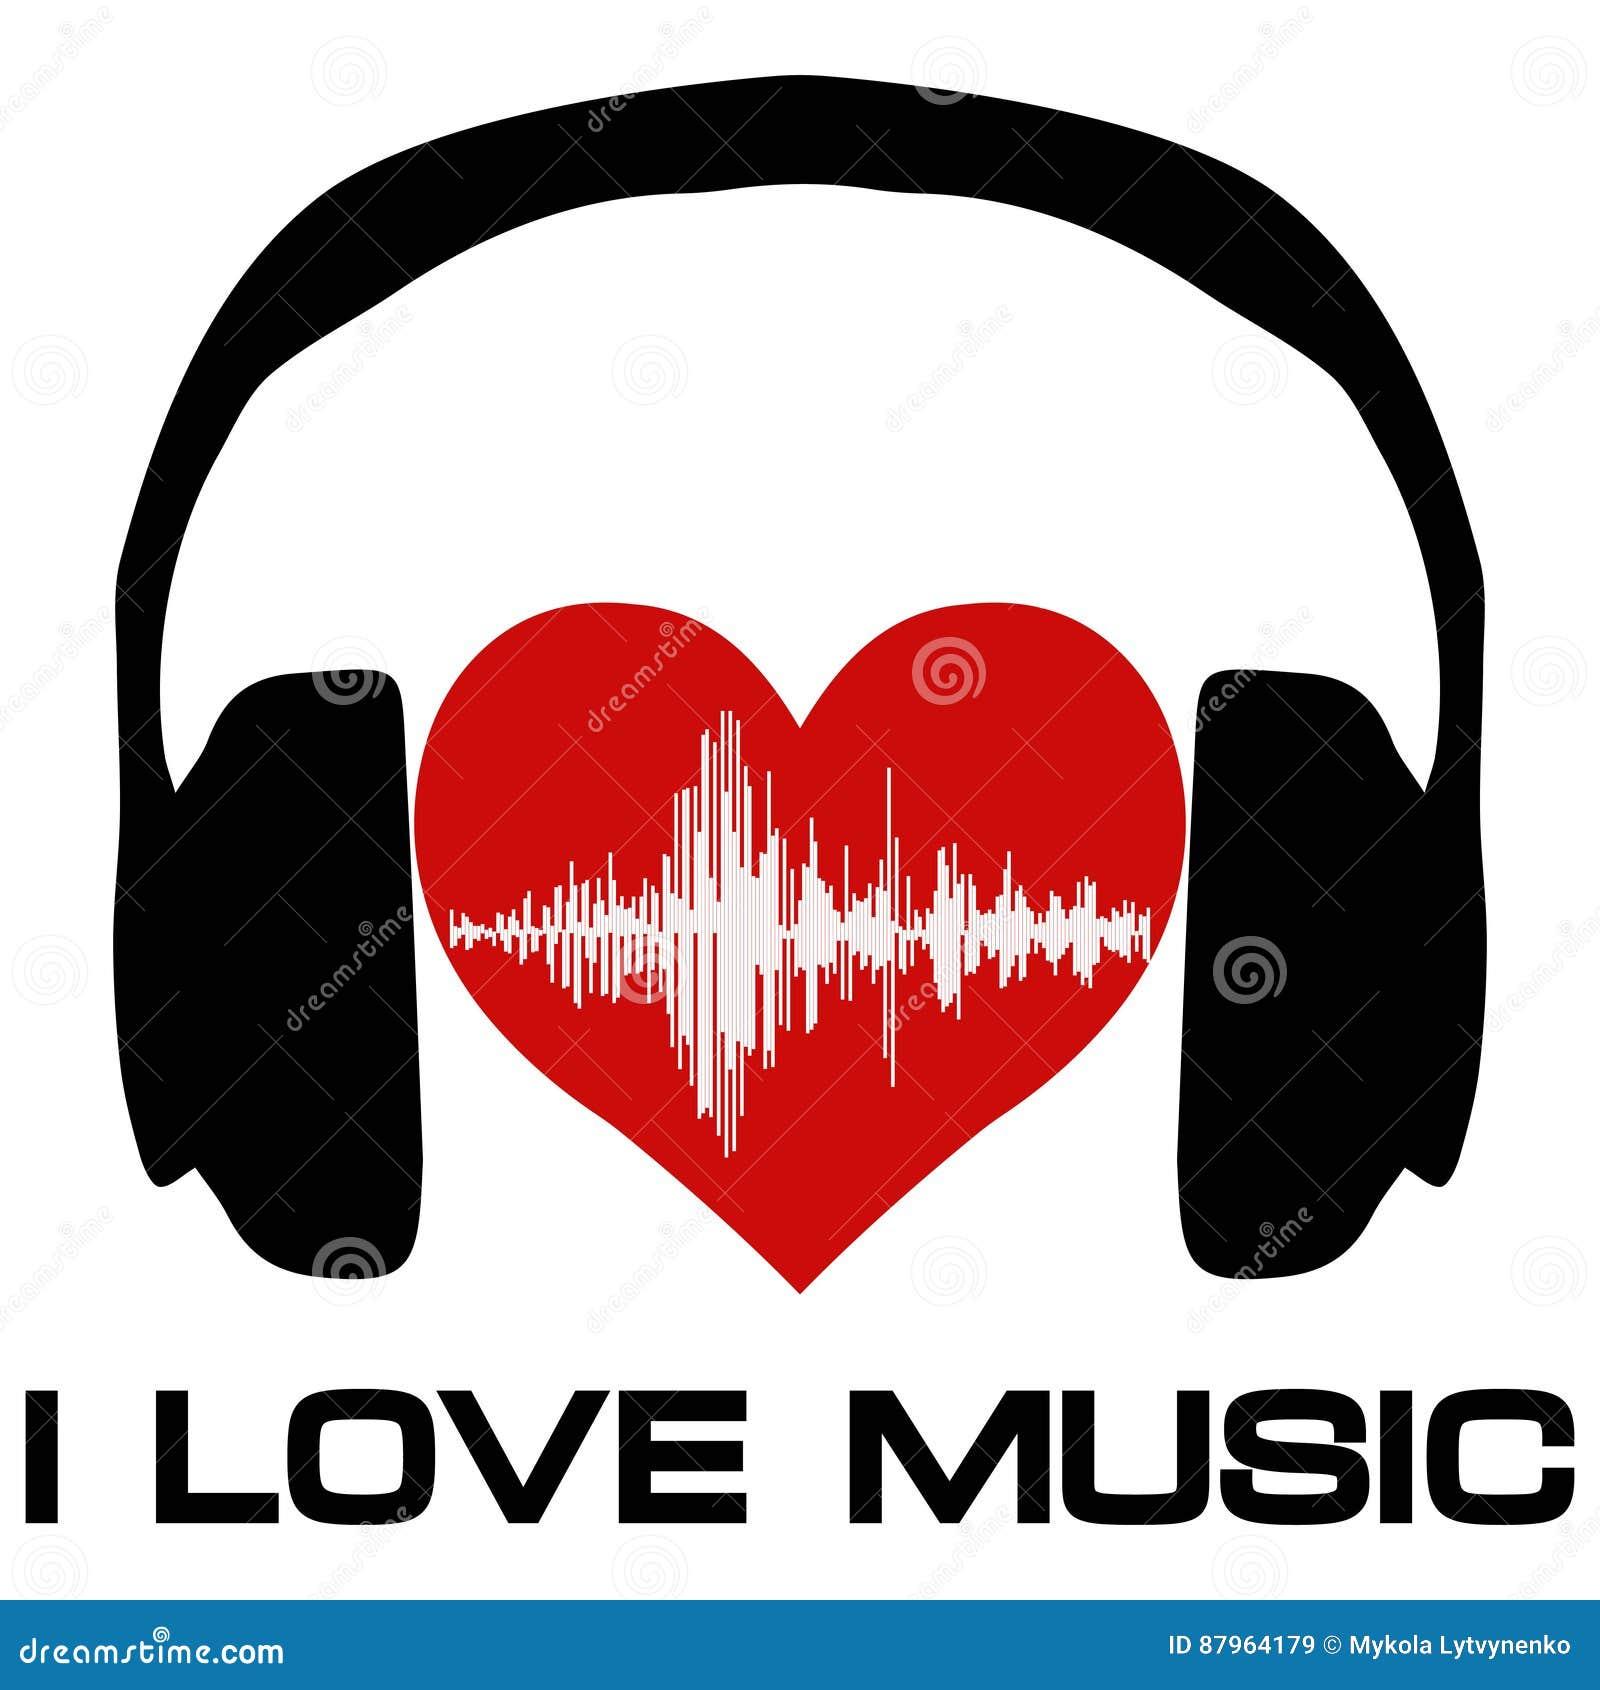 Ik houd van muziek, vinyldekking voor een muziekventilator